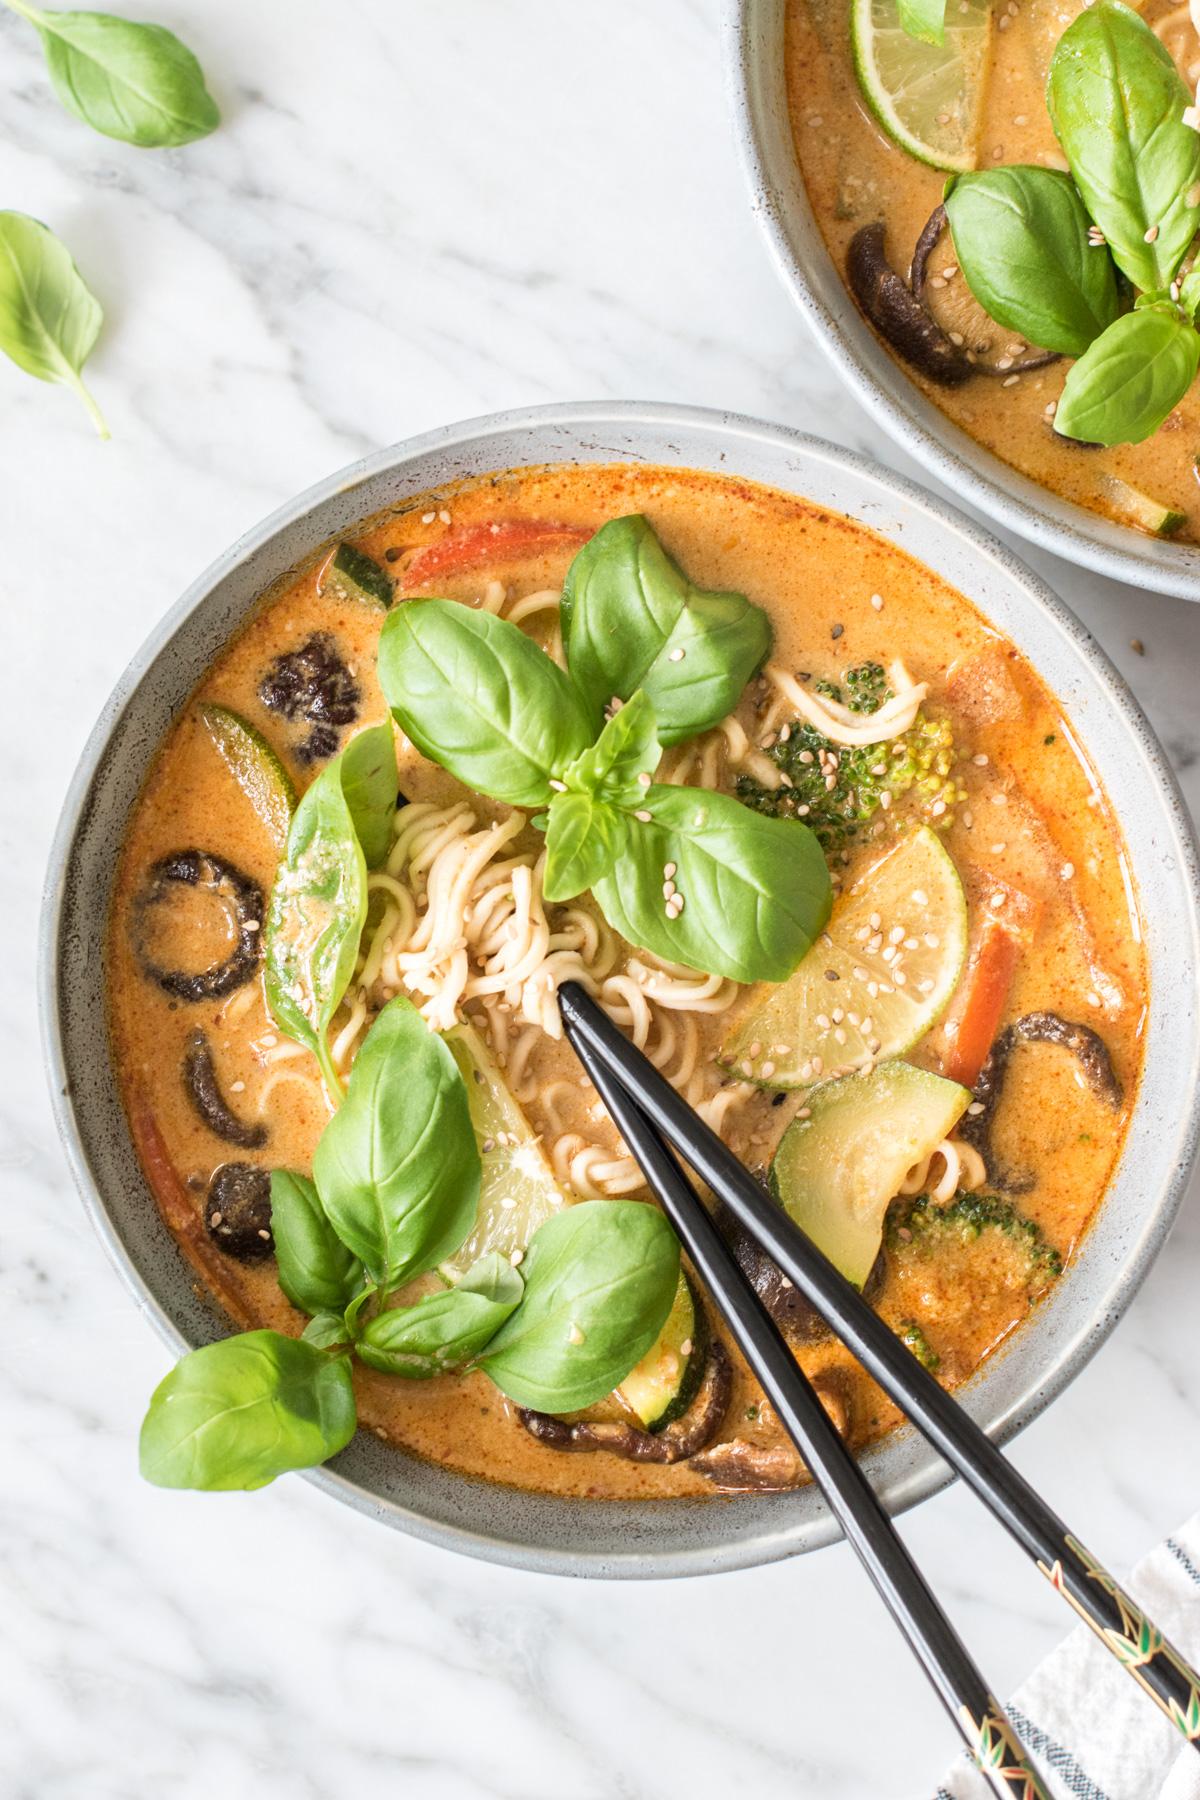 Thai-Erdnuss-Nudelsuppe - rein pflanzlich, vegan, glutenfrei, ohne raffinierten Zucker - de.heavenlynnhealthy.com